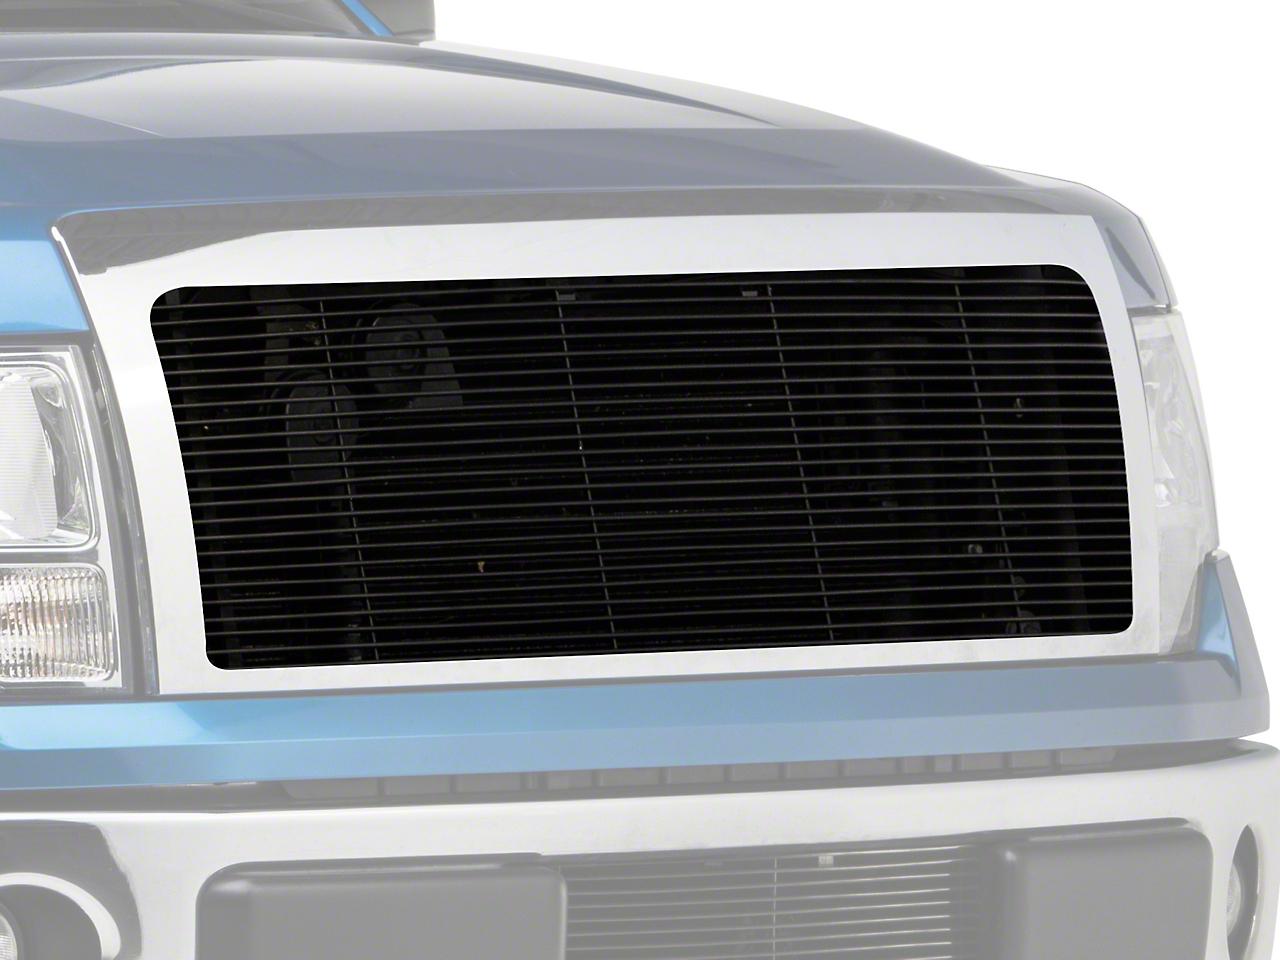 Modern Billet Upper Grille Insert w/ Emblem Delete - Black (09-12 F-150, Excluding Harley Davidson, Platinum & Raptor)